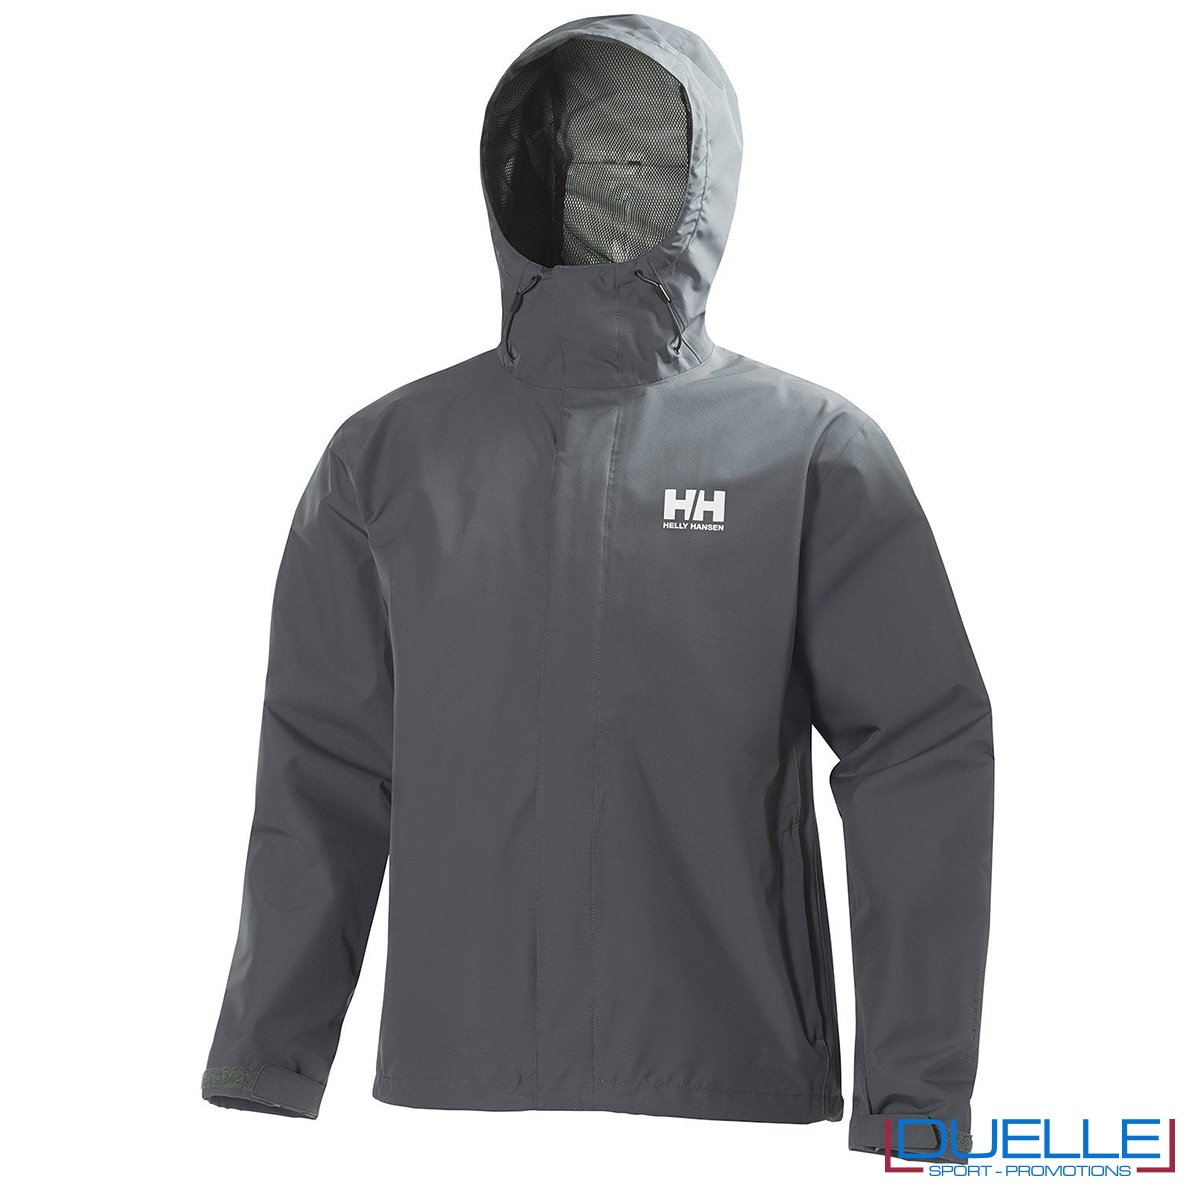 Giacca Helly Hansen Seven J personalizzata colore grigio